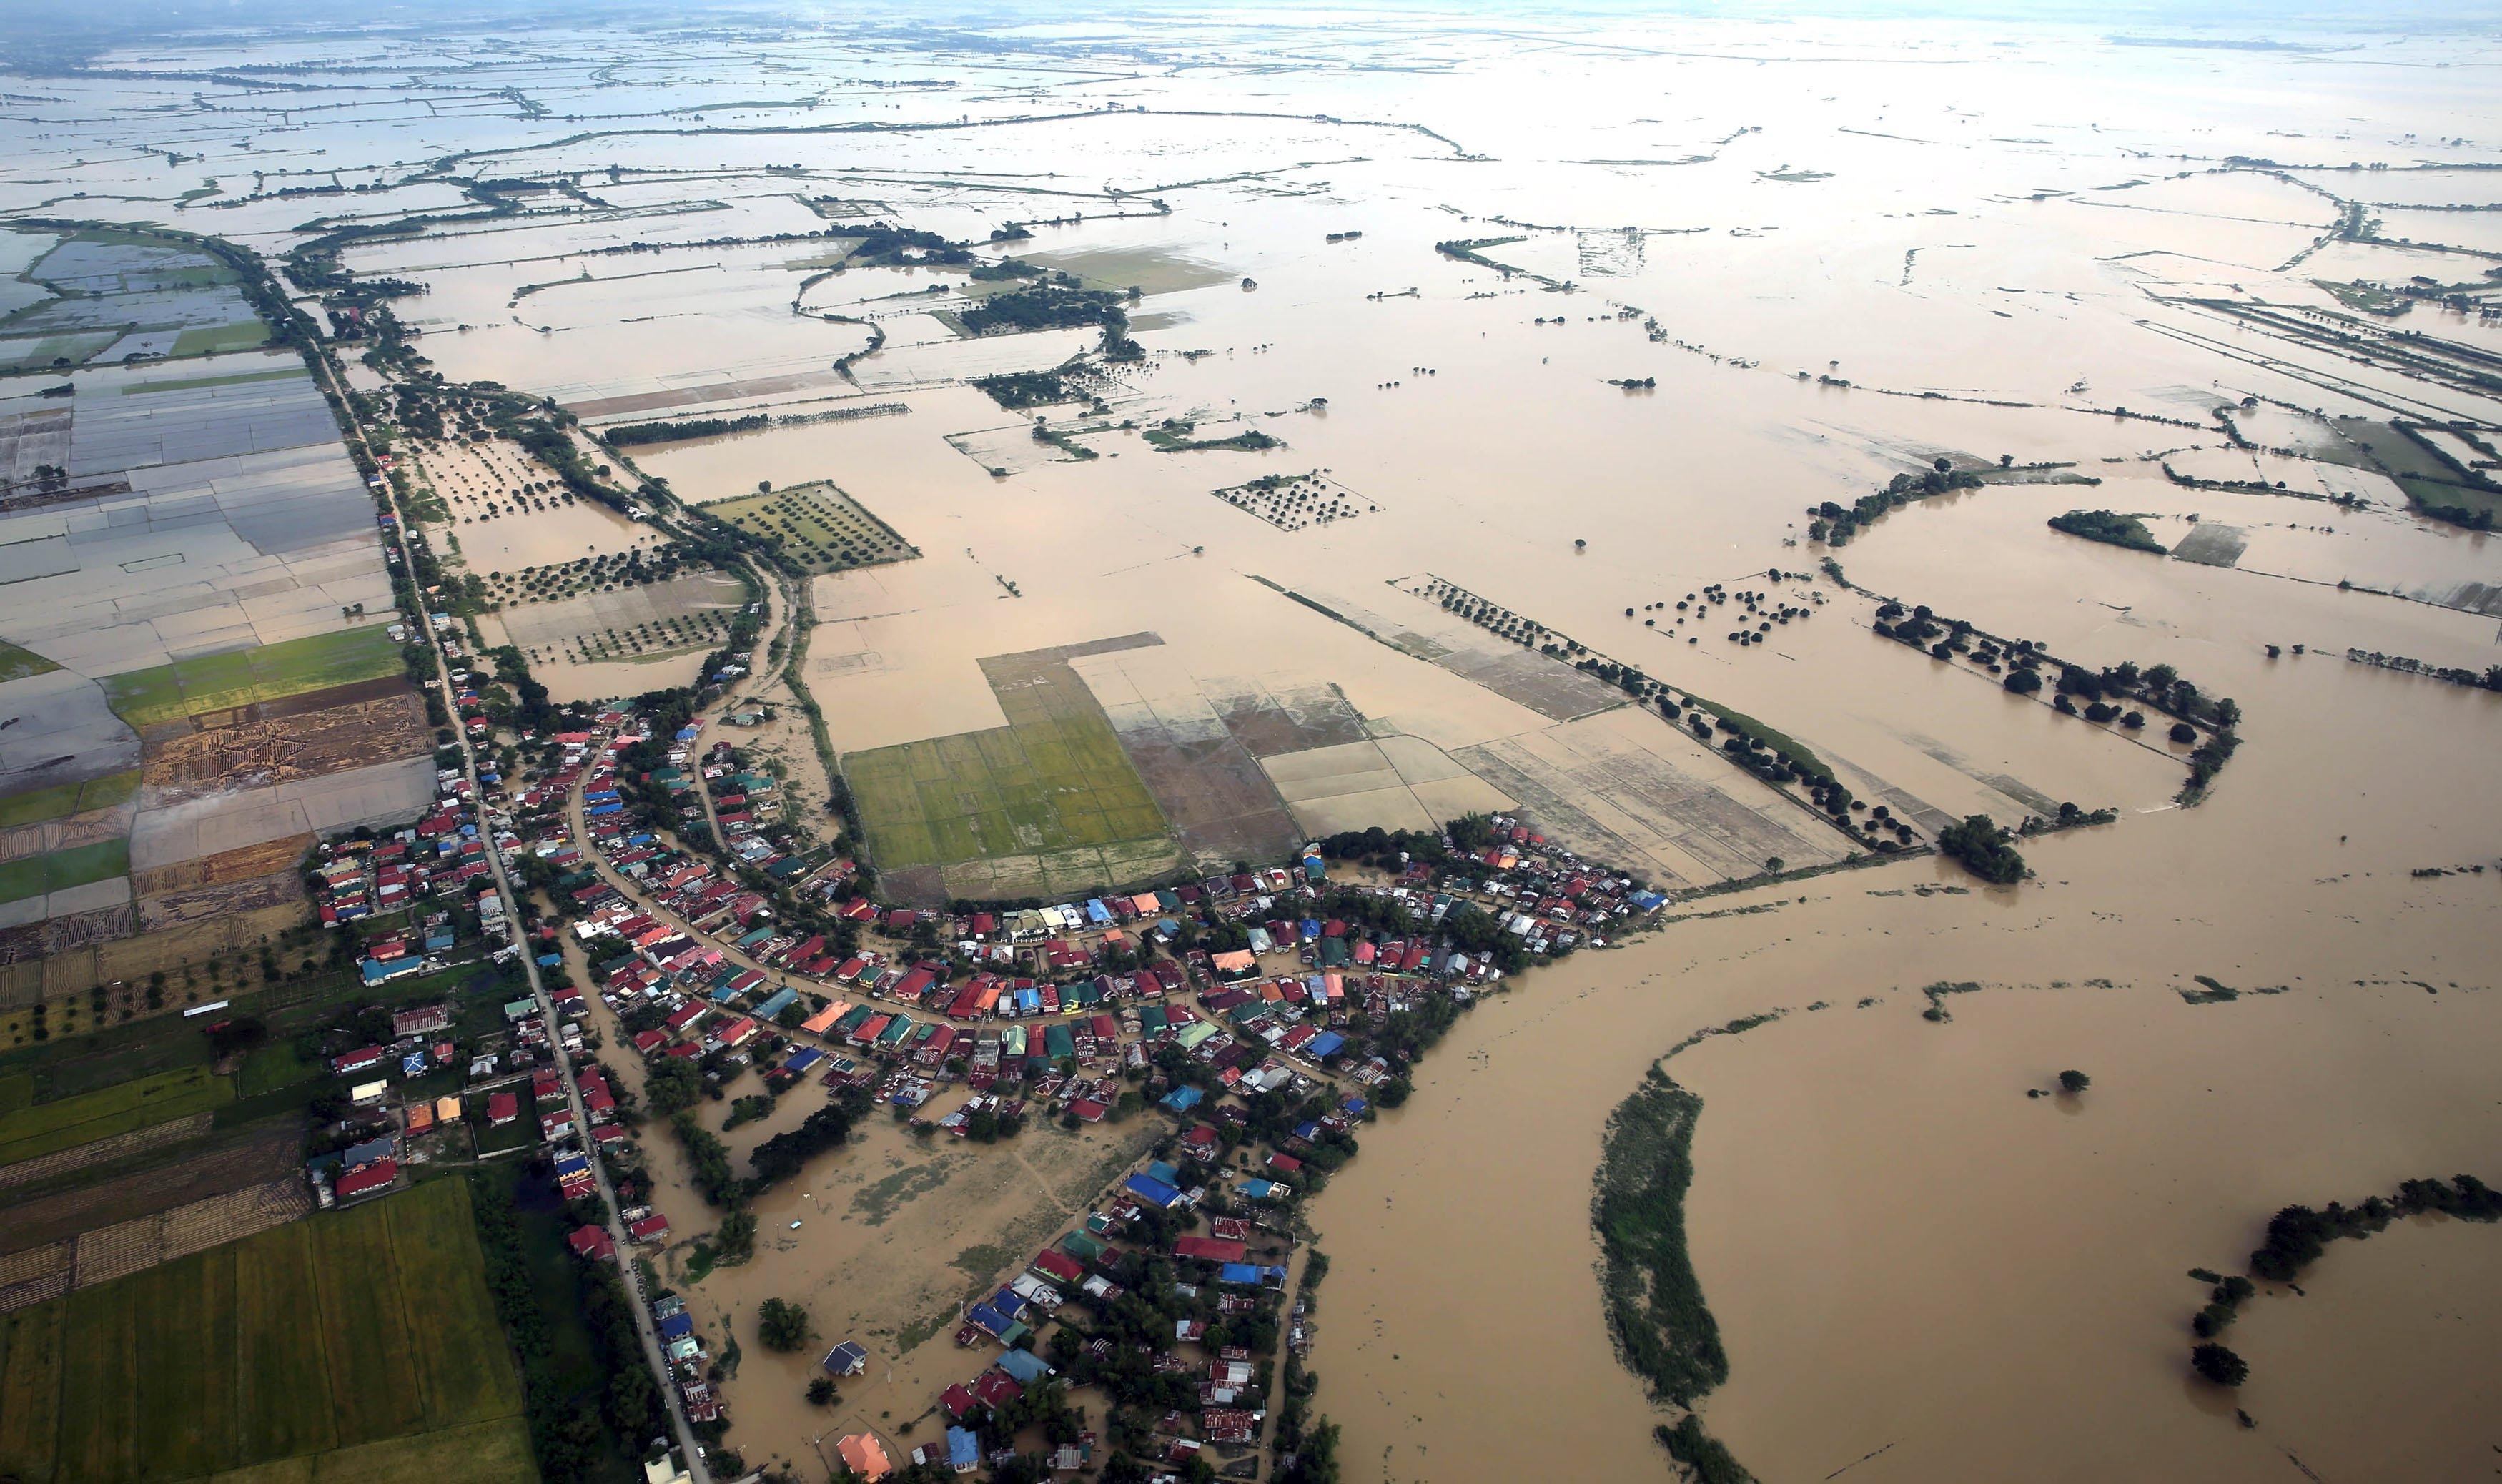 Pemandangan kerusakan disebabkan oleh Topan Koppu terlihat saat Presiden Benigno Aquino (tidak ada di foto) melakukan inspeksi udara untuk melihat sejauh mana kerusakan yang disebabkan oleh topan sampai ke Provinsi Pangasinan, Tarlac, Pampanga dan Bulacan, Manila bagian utara, Kamis (22/10). Topan Koppu, yang menyebabkan hujan lebat di Filipina bagian utara, menewaskan 58 orang saat rumah dan tanaman hancur, mulai mereda pada hari Rabu, menurut petugas pengamat cuaca. Lebih dari 100,000 orang masih tinggal di tempat tinggal sementara saat Koppu menghancurkan tanaman, infrastruktur dan rumah yang seharga lebih dari 141.63 juta dolar. ANTARA FOTO/REUTERS/Malacanang Palace/Handout via Reuters.